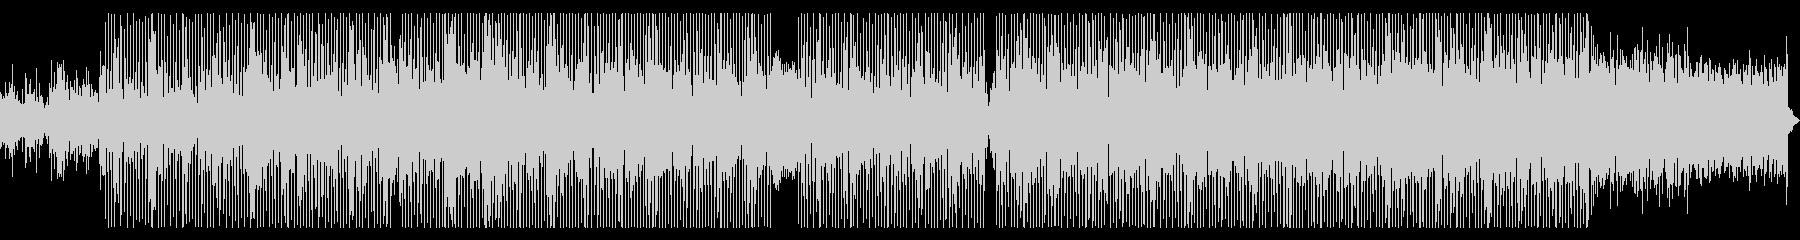 サックスソロが印象的な淡々としたポップスの未再生の波形